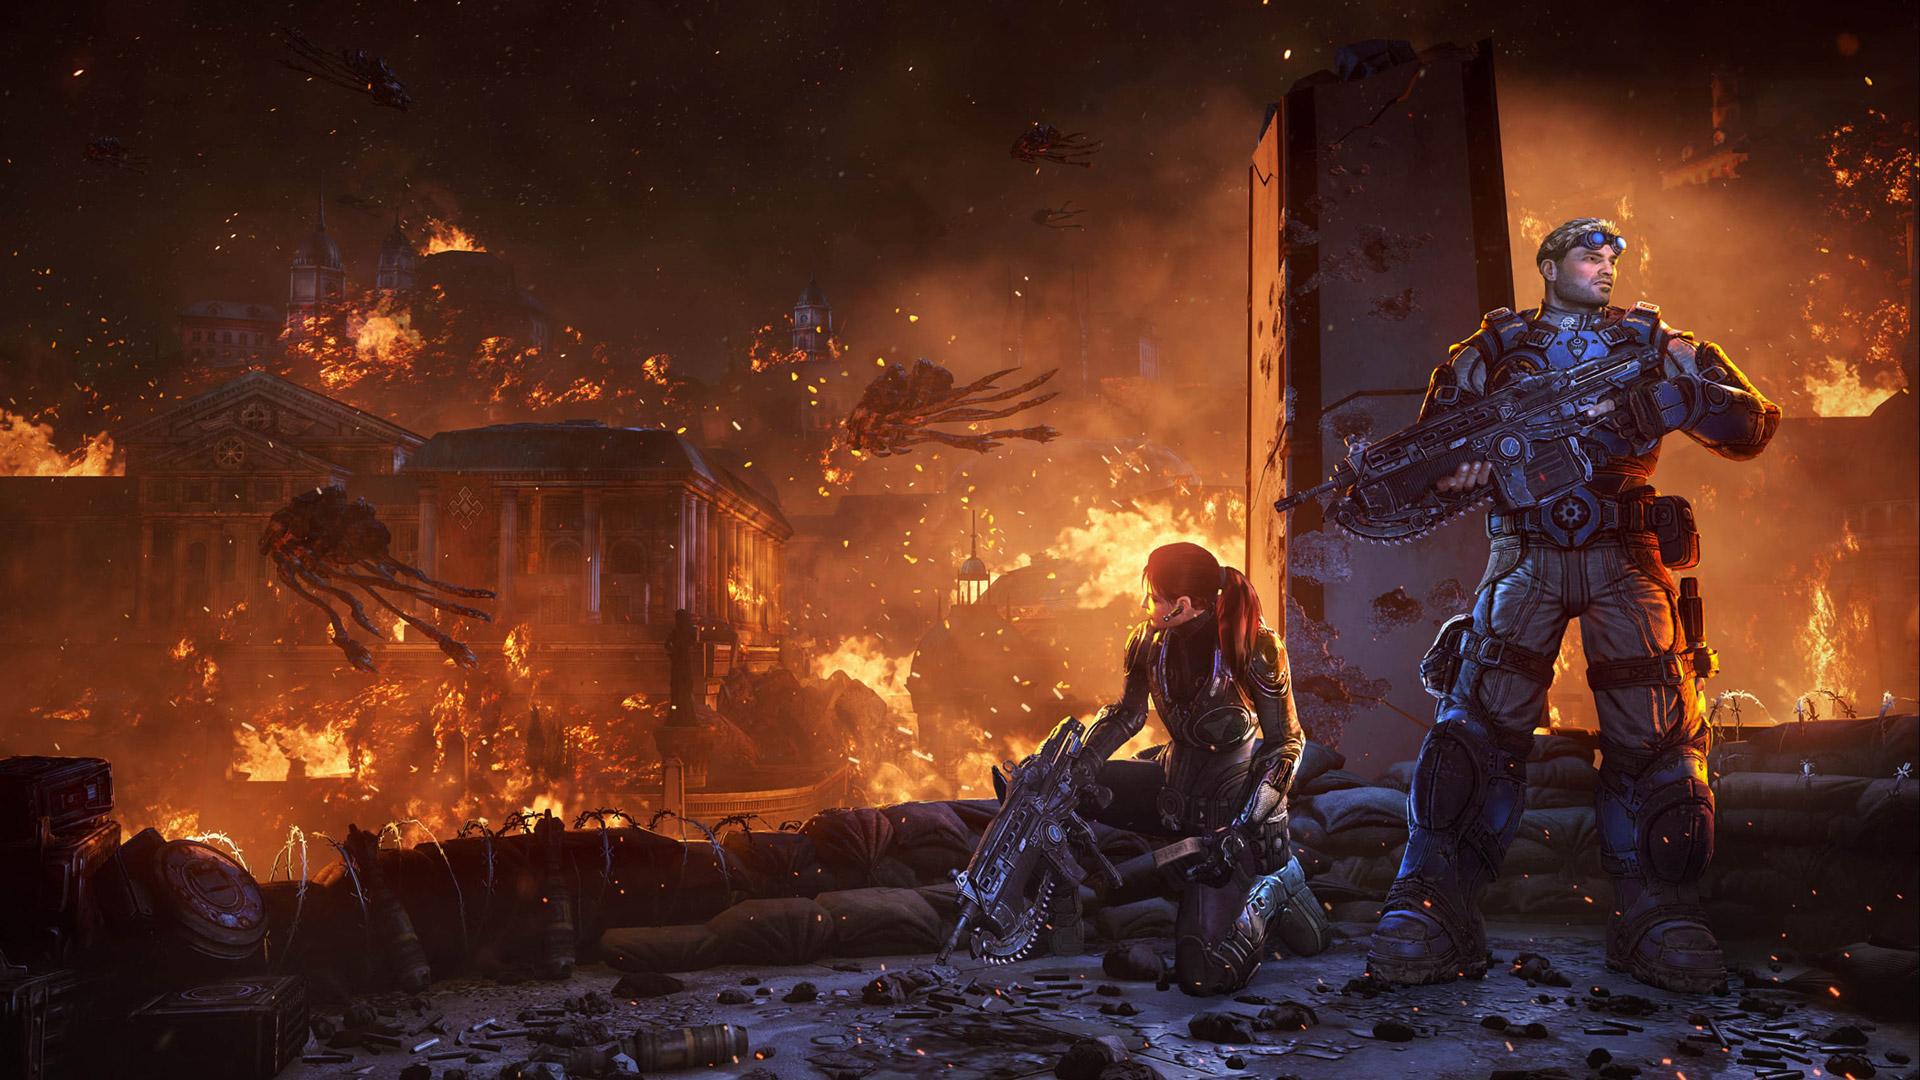 Gears of War: Judgment Wallpaper in 1920x1080